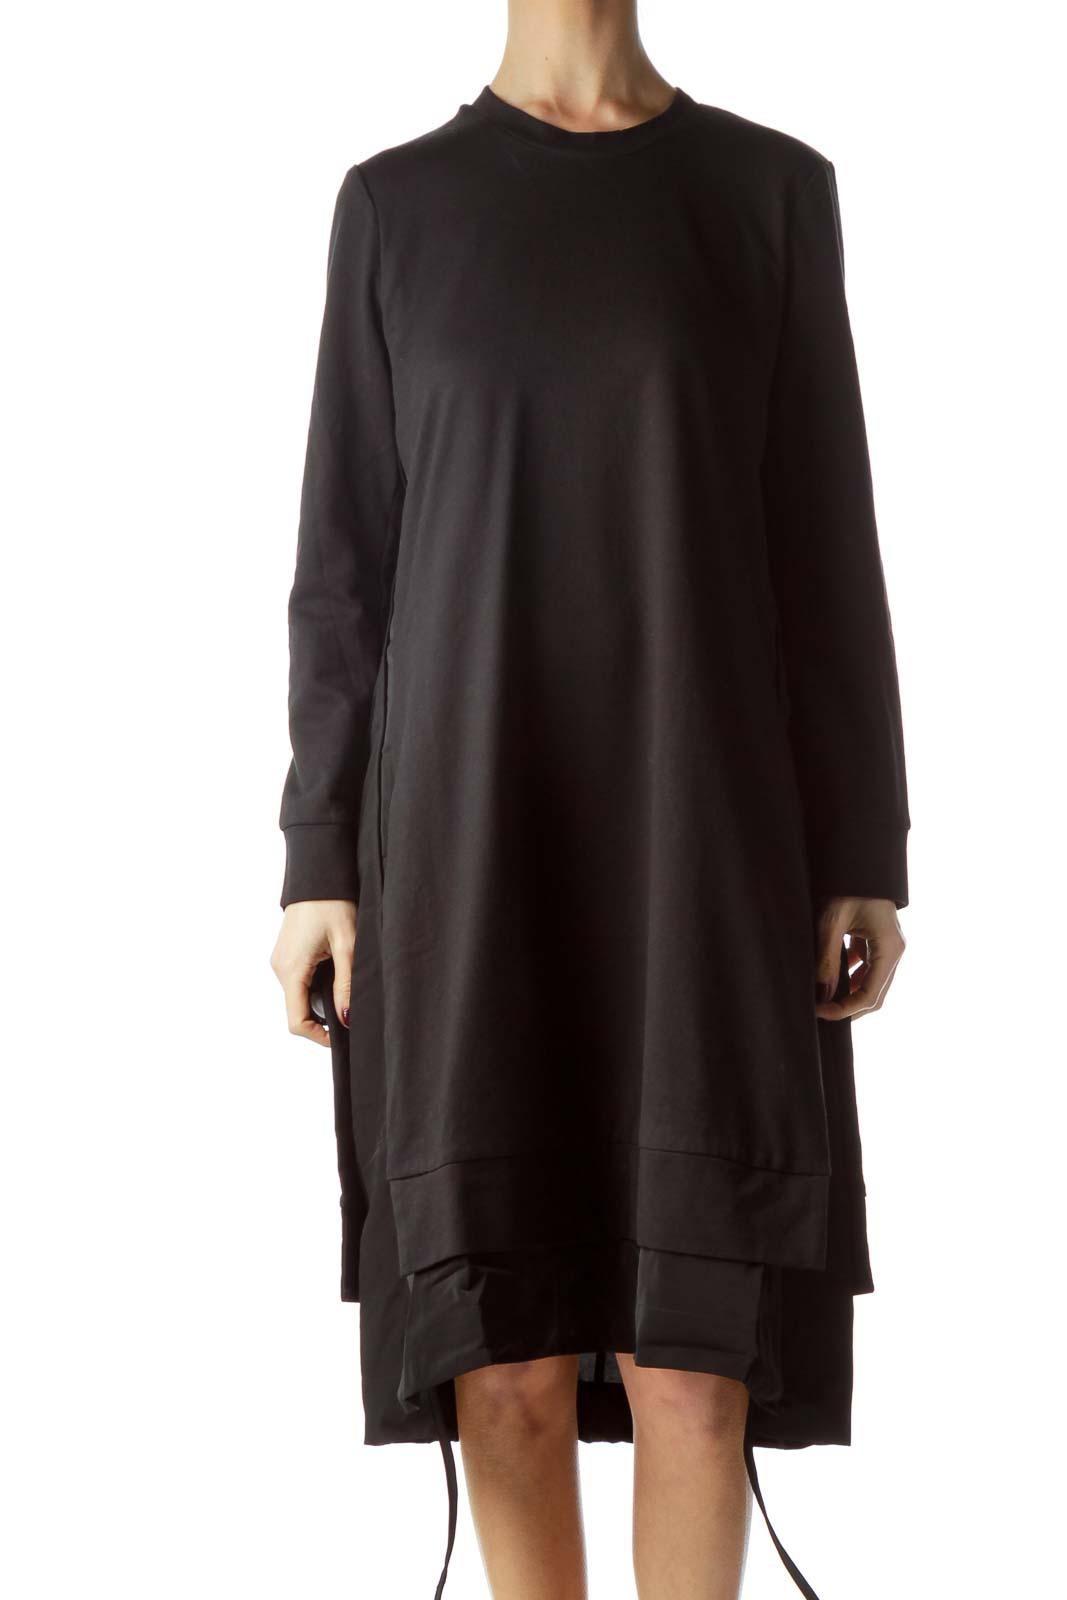 Black Round Neck Sweatshirt Dress Front